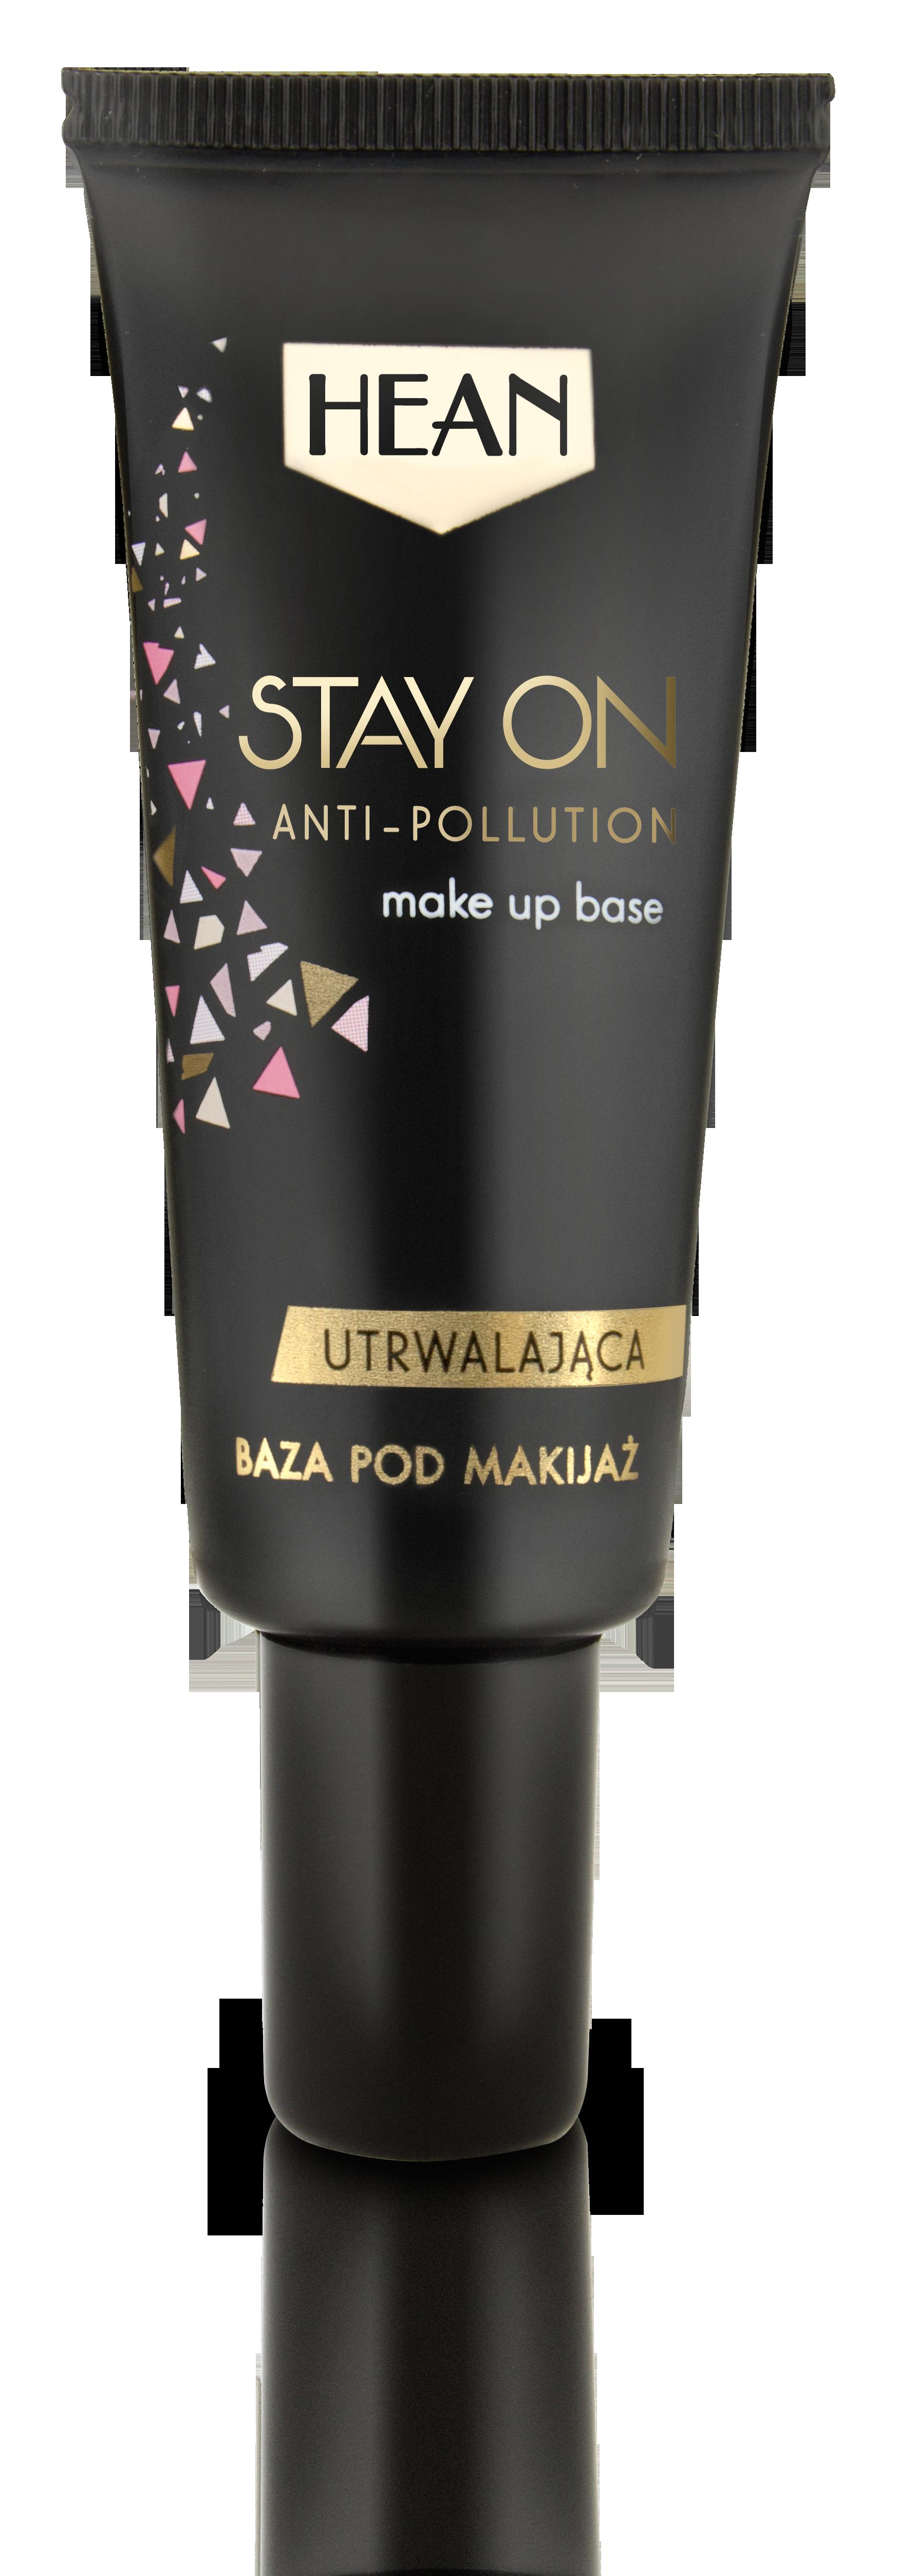 Hean Zpevňujíci báze pod make-up STAY ON 20ml